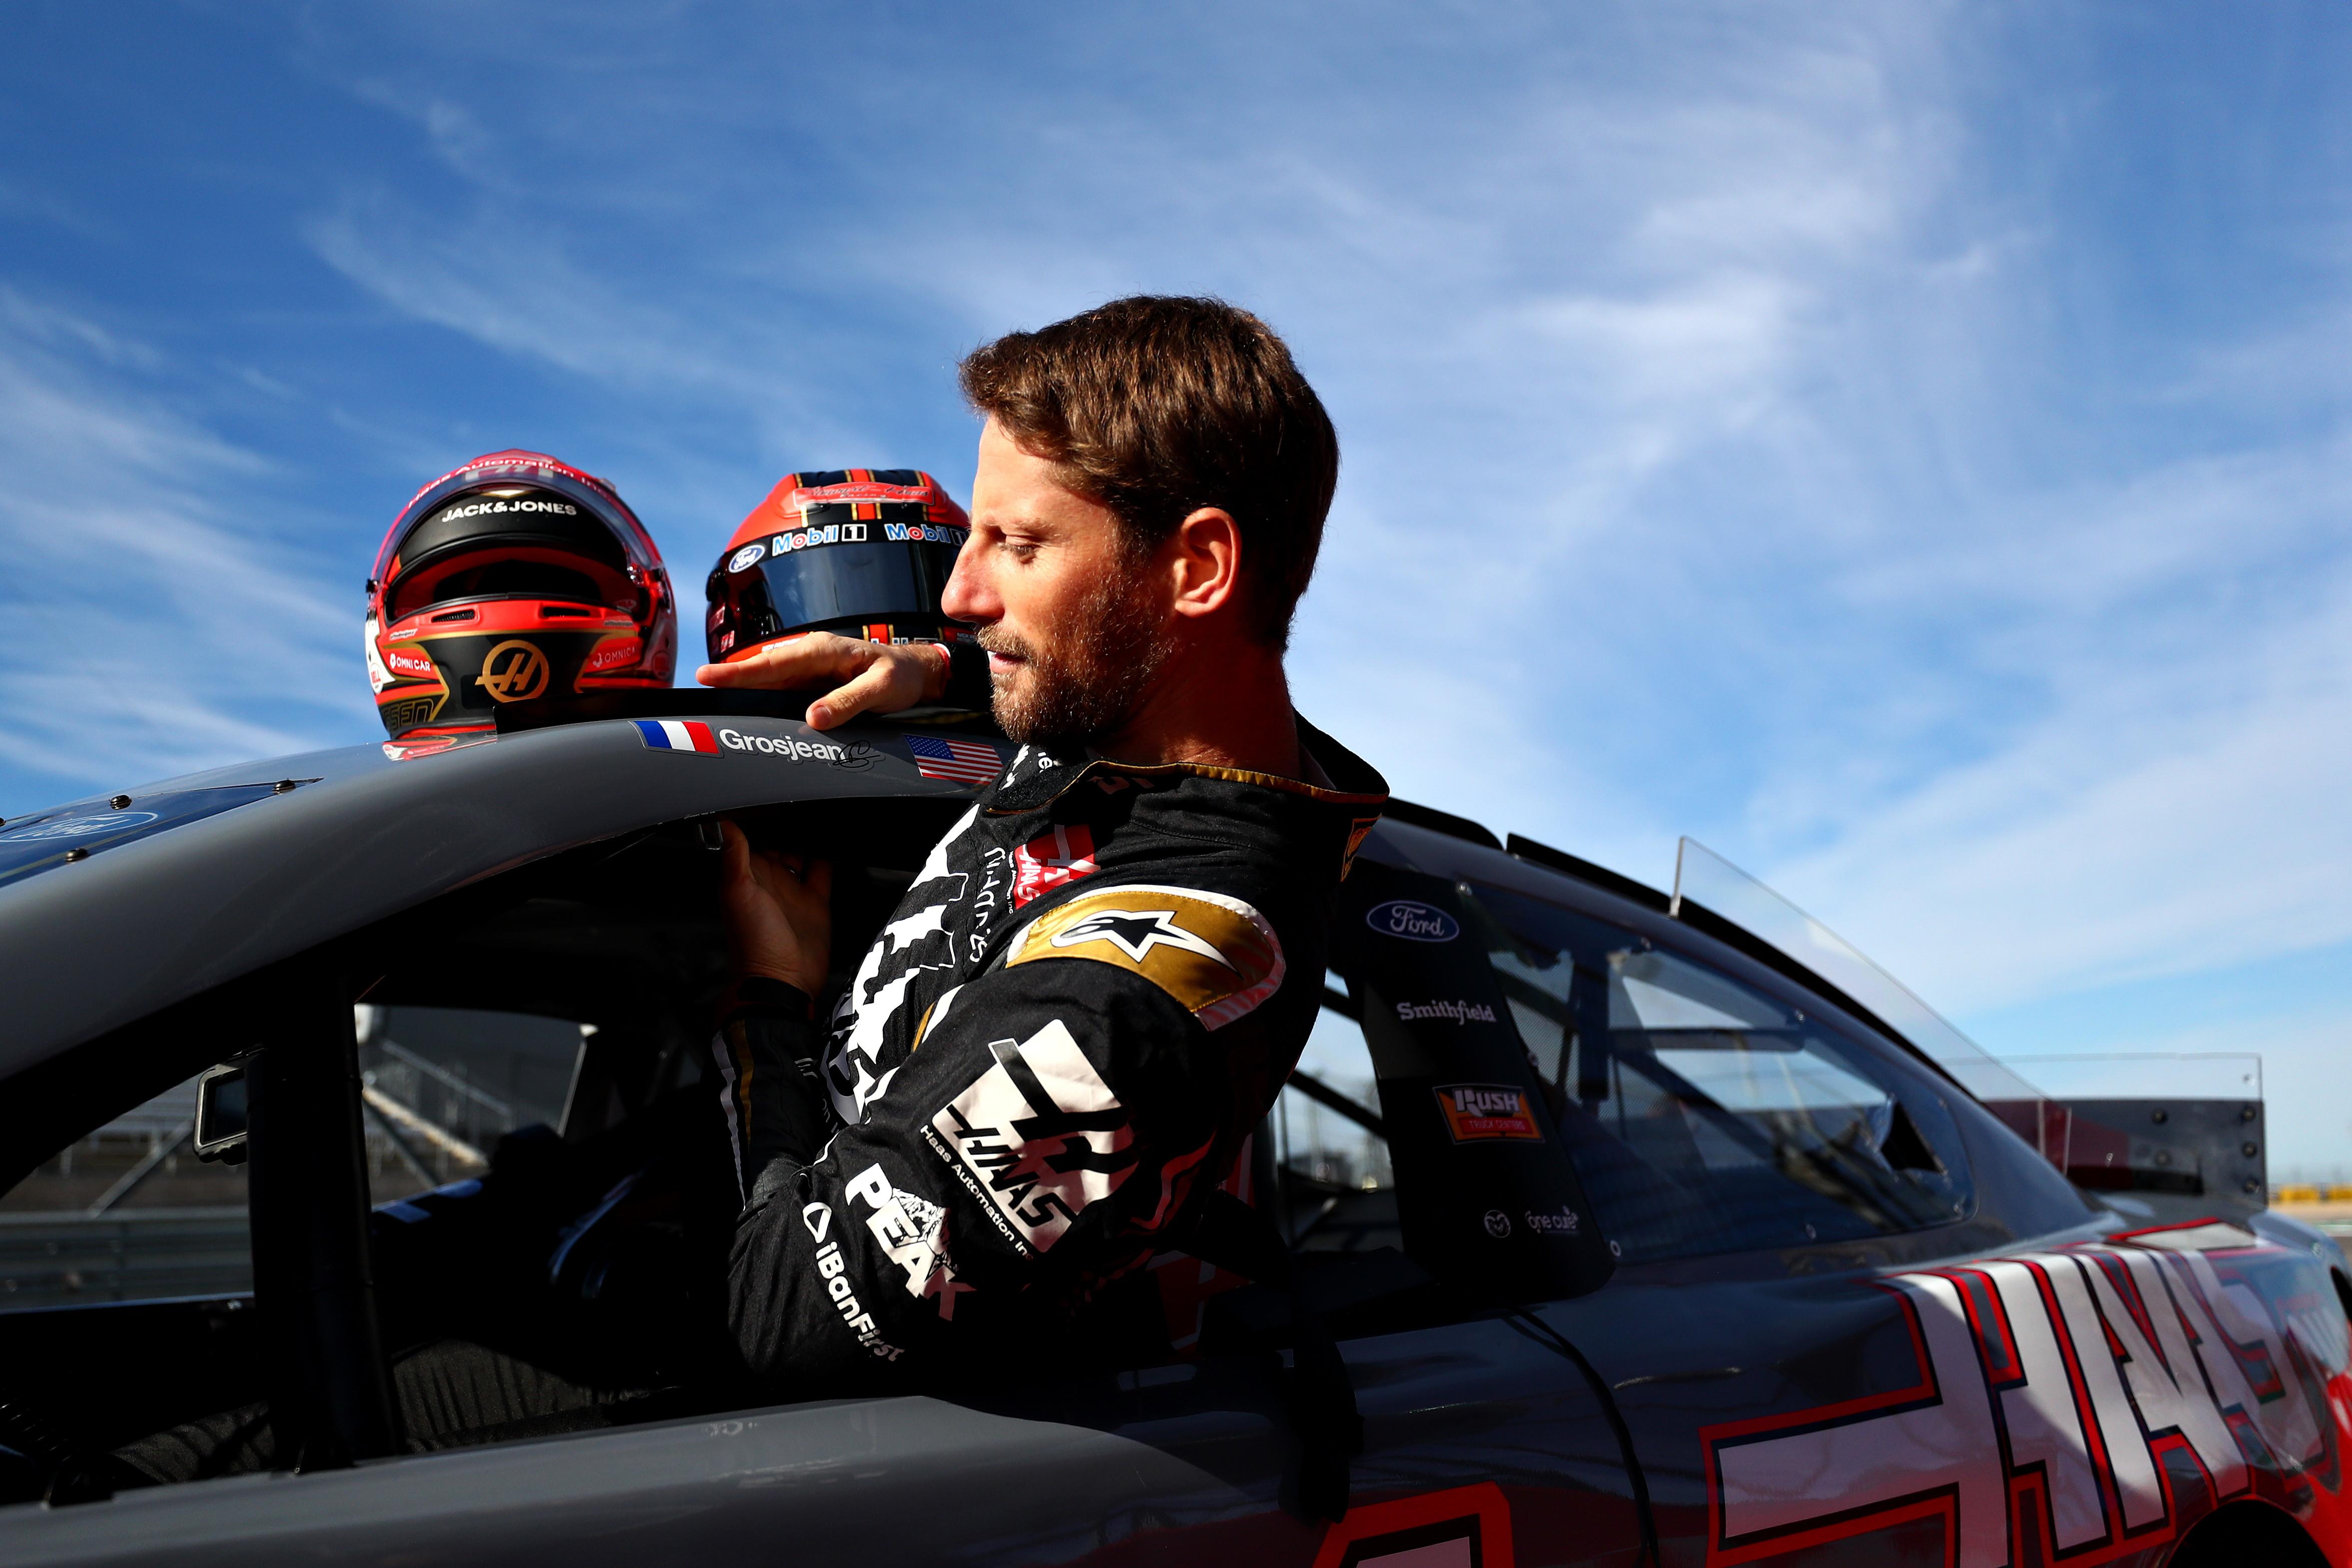 Romain Grosjean e Kevin Magnussen hanno abbandonato per un giorno la loro Haas e si sono seduti all&#39;interno dell&#39;abitacolo di un&#39;auto del campionato Nascar. In particolare&nbsp;la&nbsp;Ford Mustang della leggenda Tony Stewart alla viglia del weekend del GP di F1 ad Austin.<br /><br />